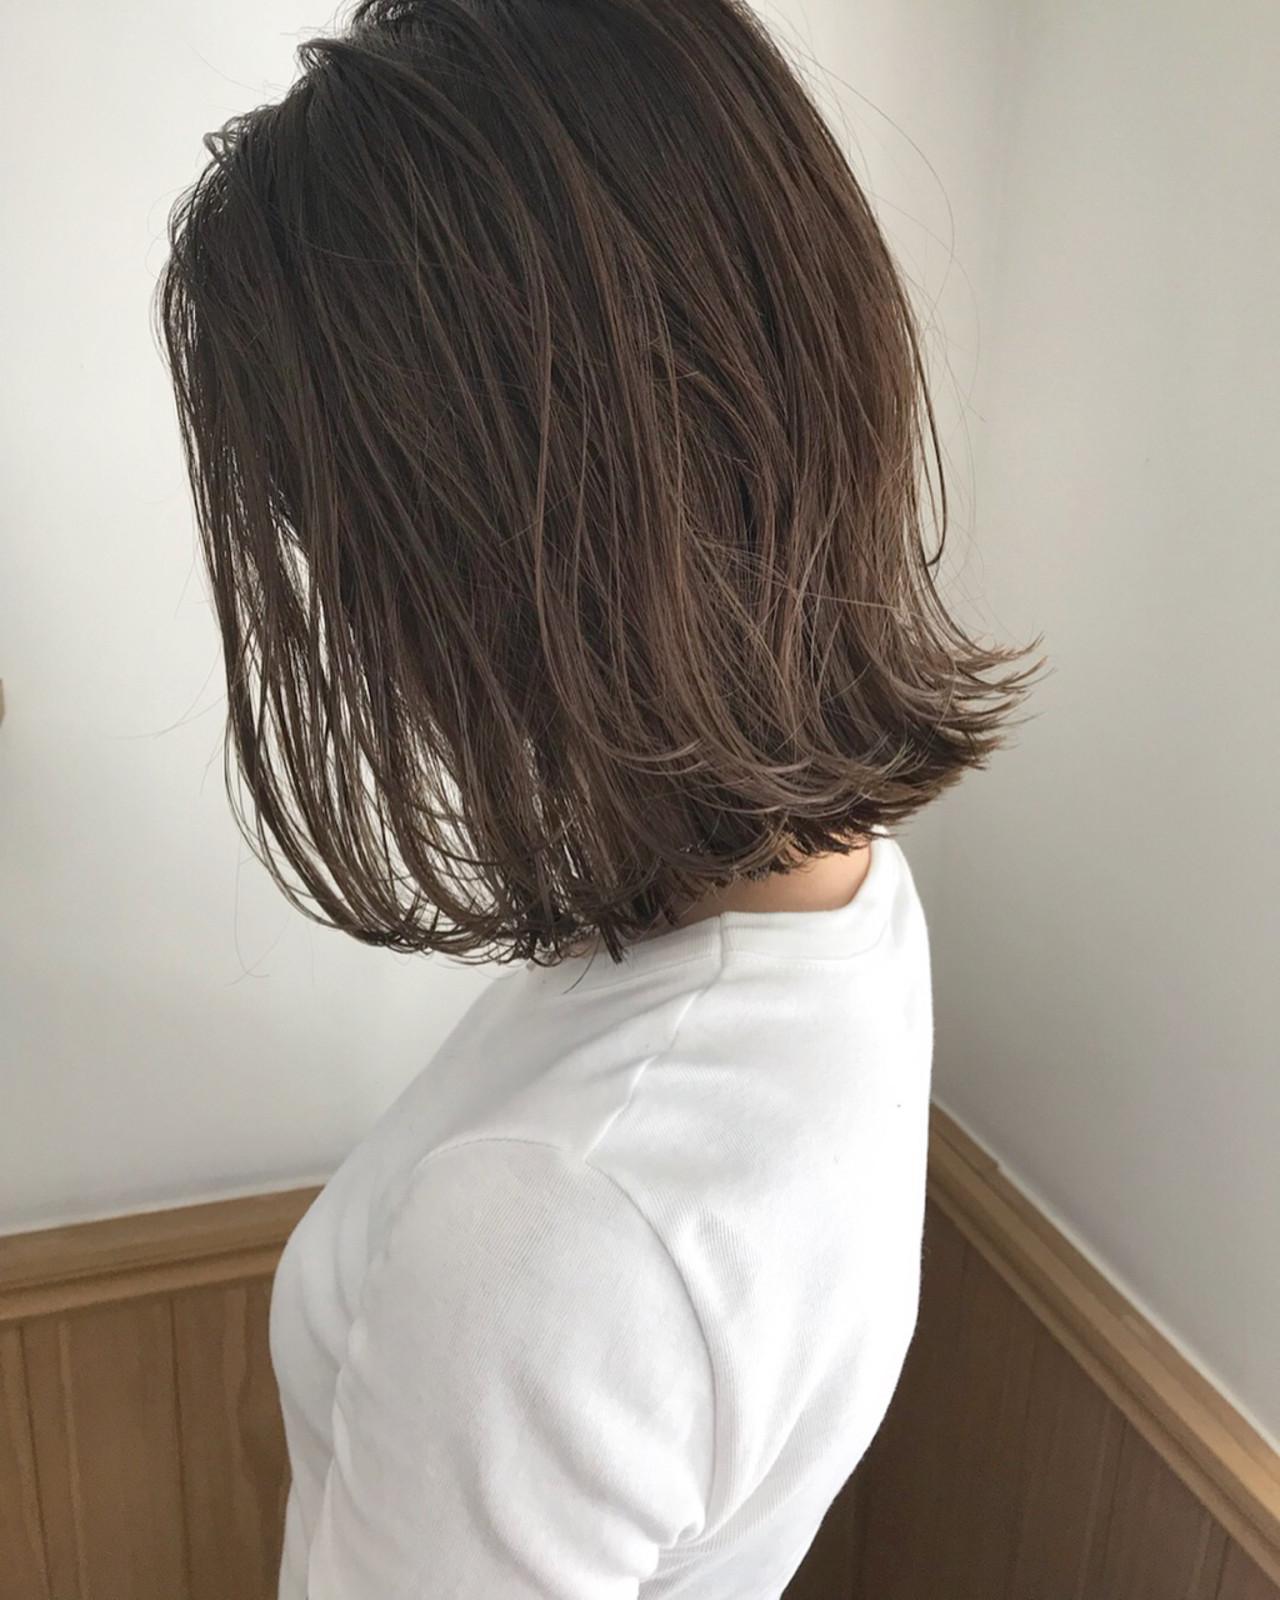 ナチュラル ロブ 切りっぱなし ハイライト ヘアスタイルや髪型の写真・画像